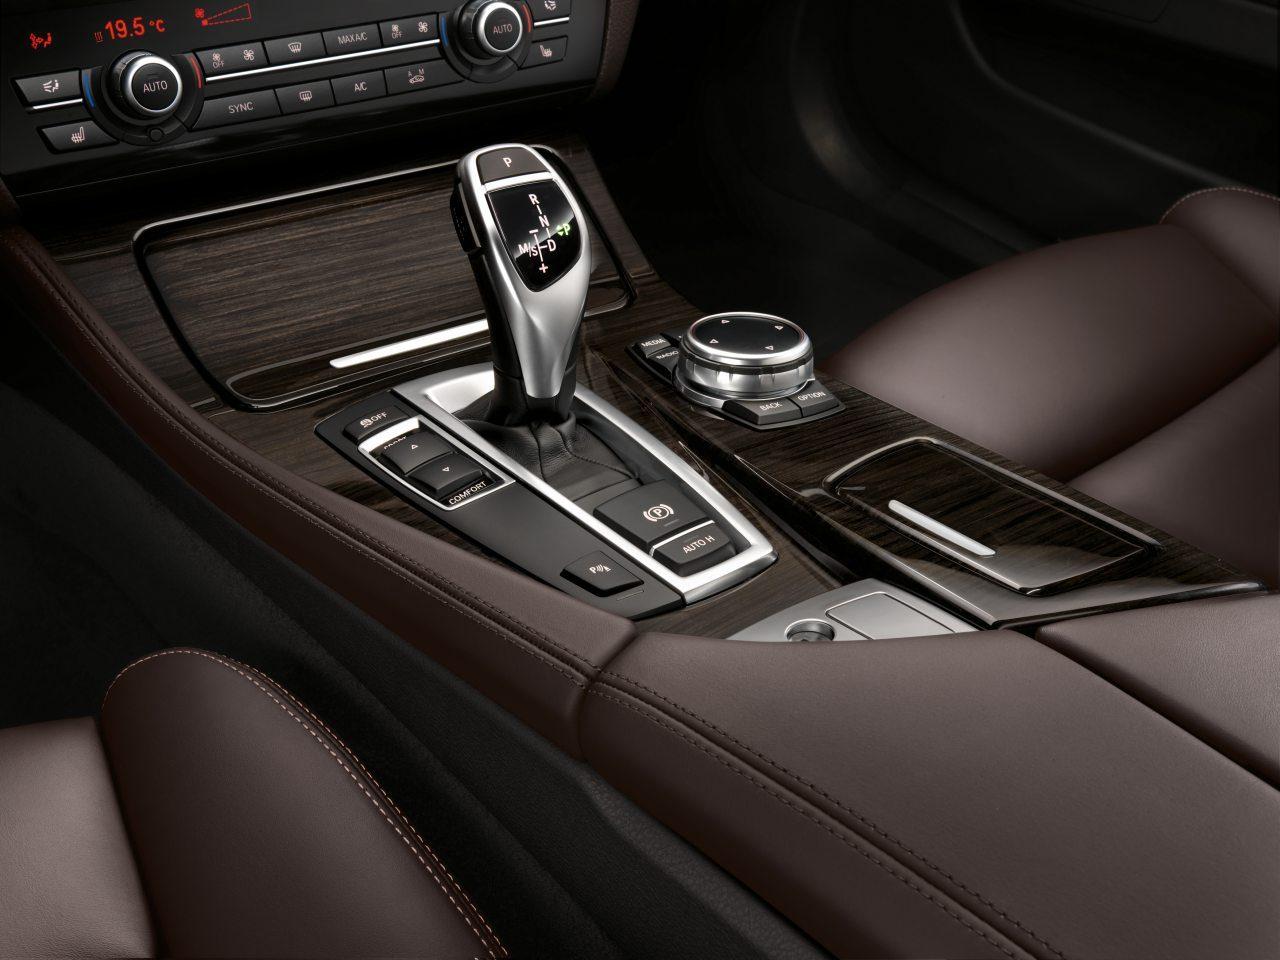 BMW-5-serie-F10-facelift-01.jpg